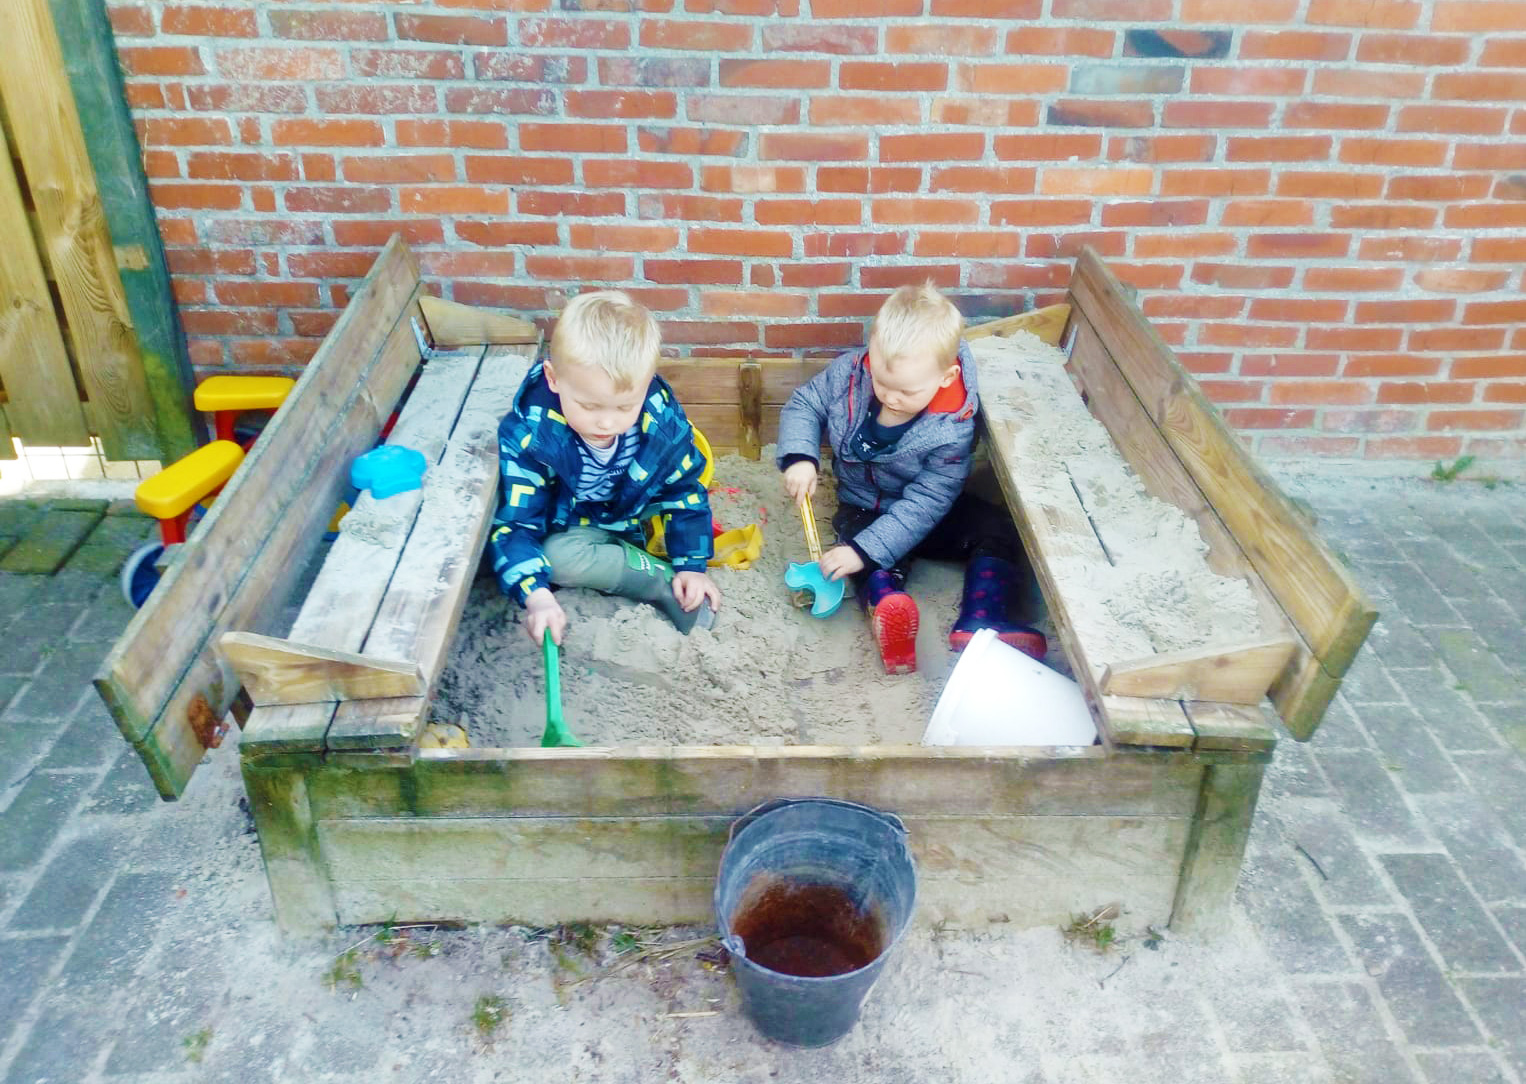 Peuters zandbak spelen buiten gastouder Nuis Westerkwartier